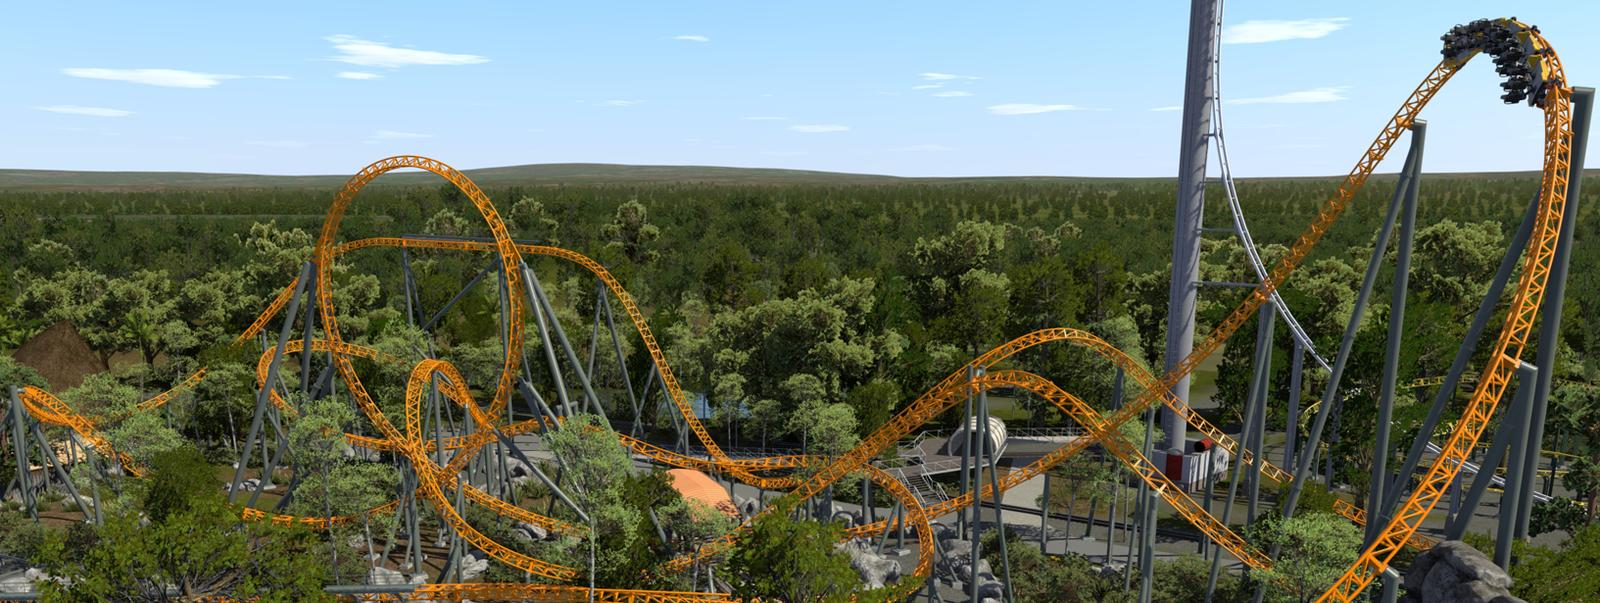 Le parc Dreamworld s'offre un grand huit plein de sensations